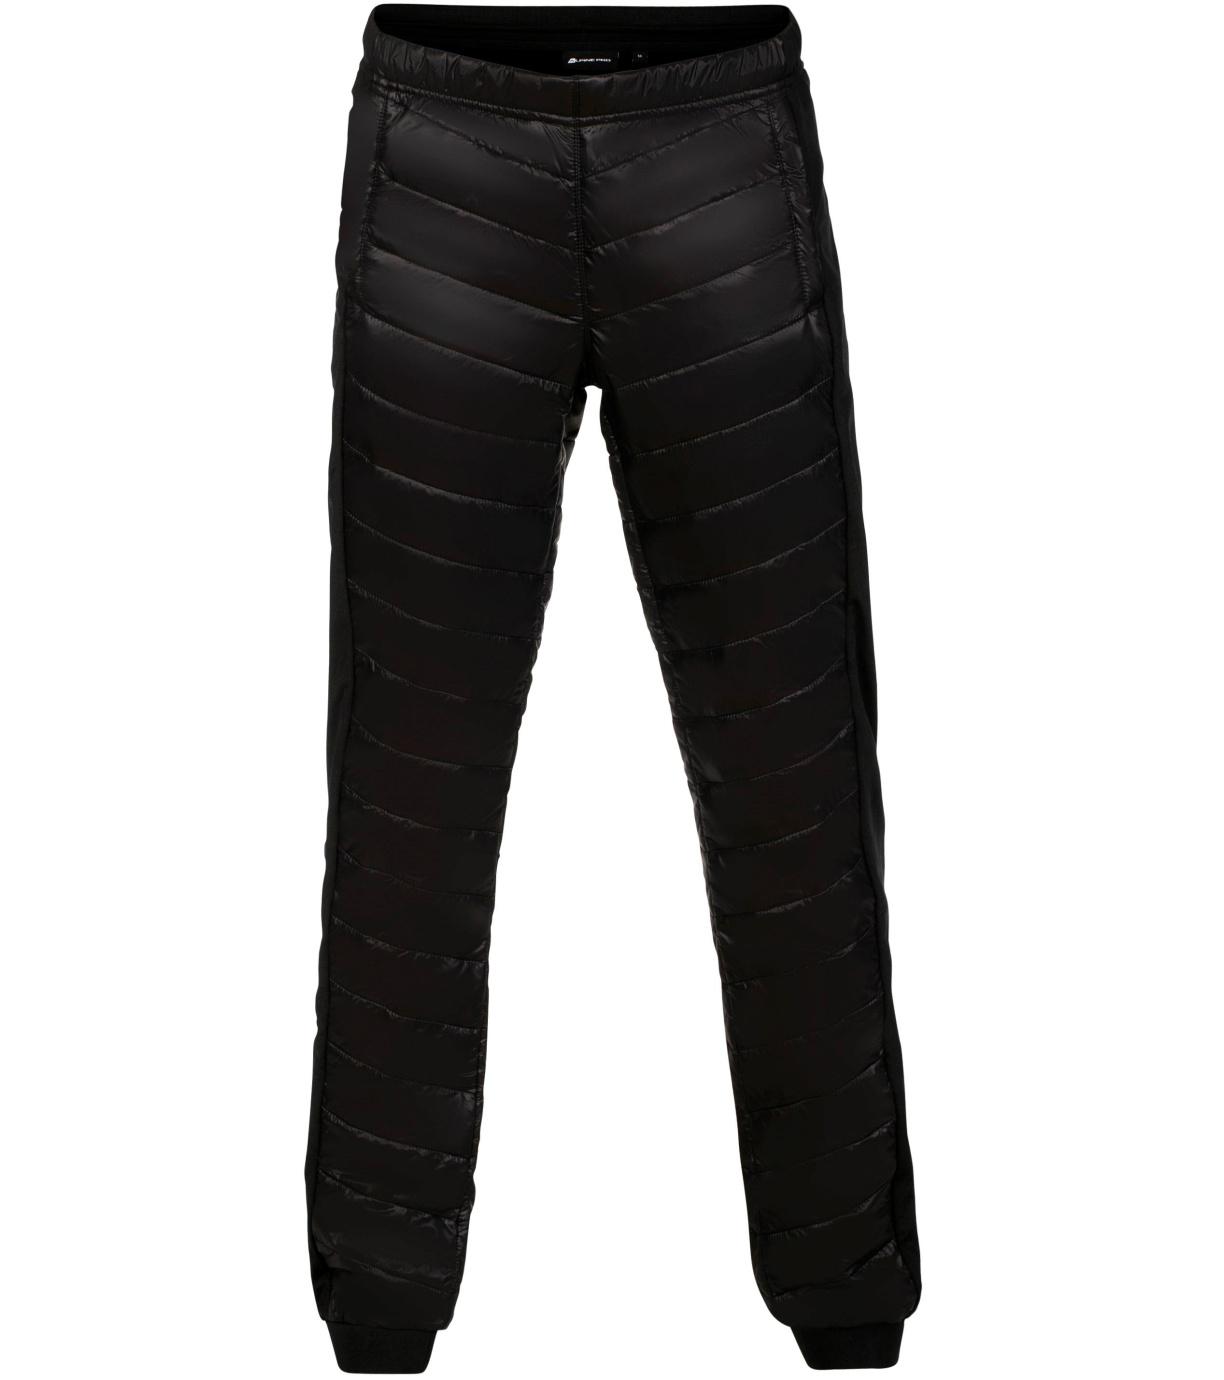 ALPINE PRO JERKA Dámské kalhoty LPAP345990 černá XL